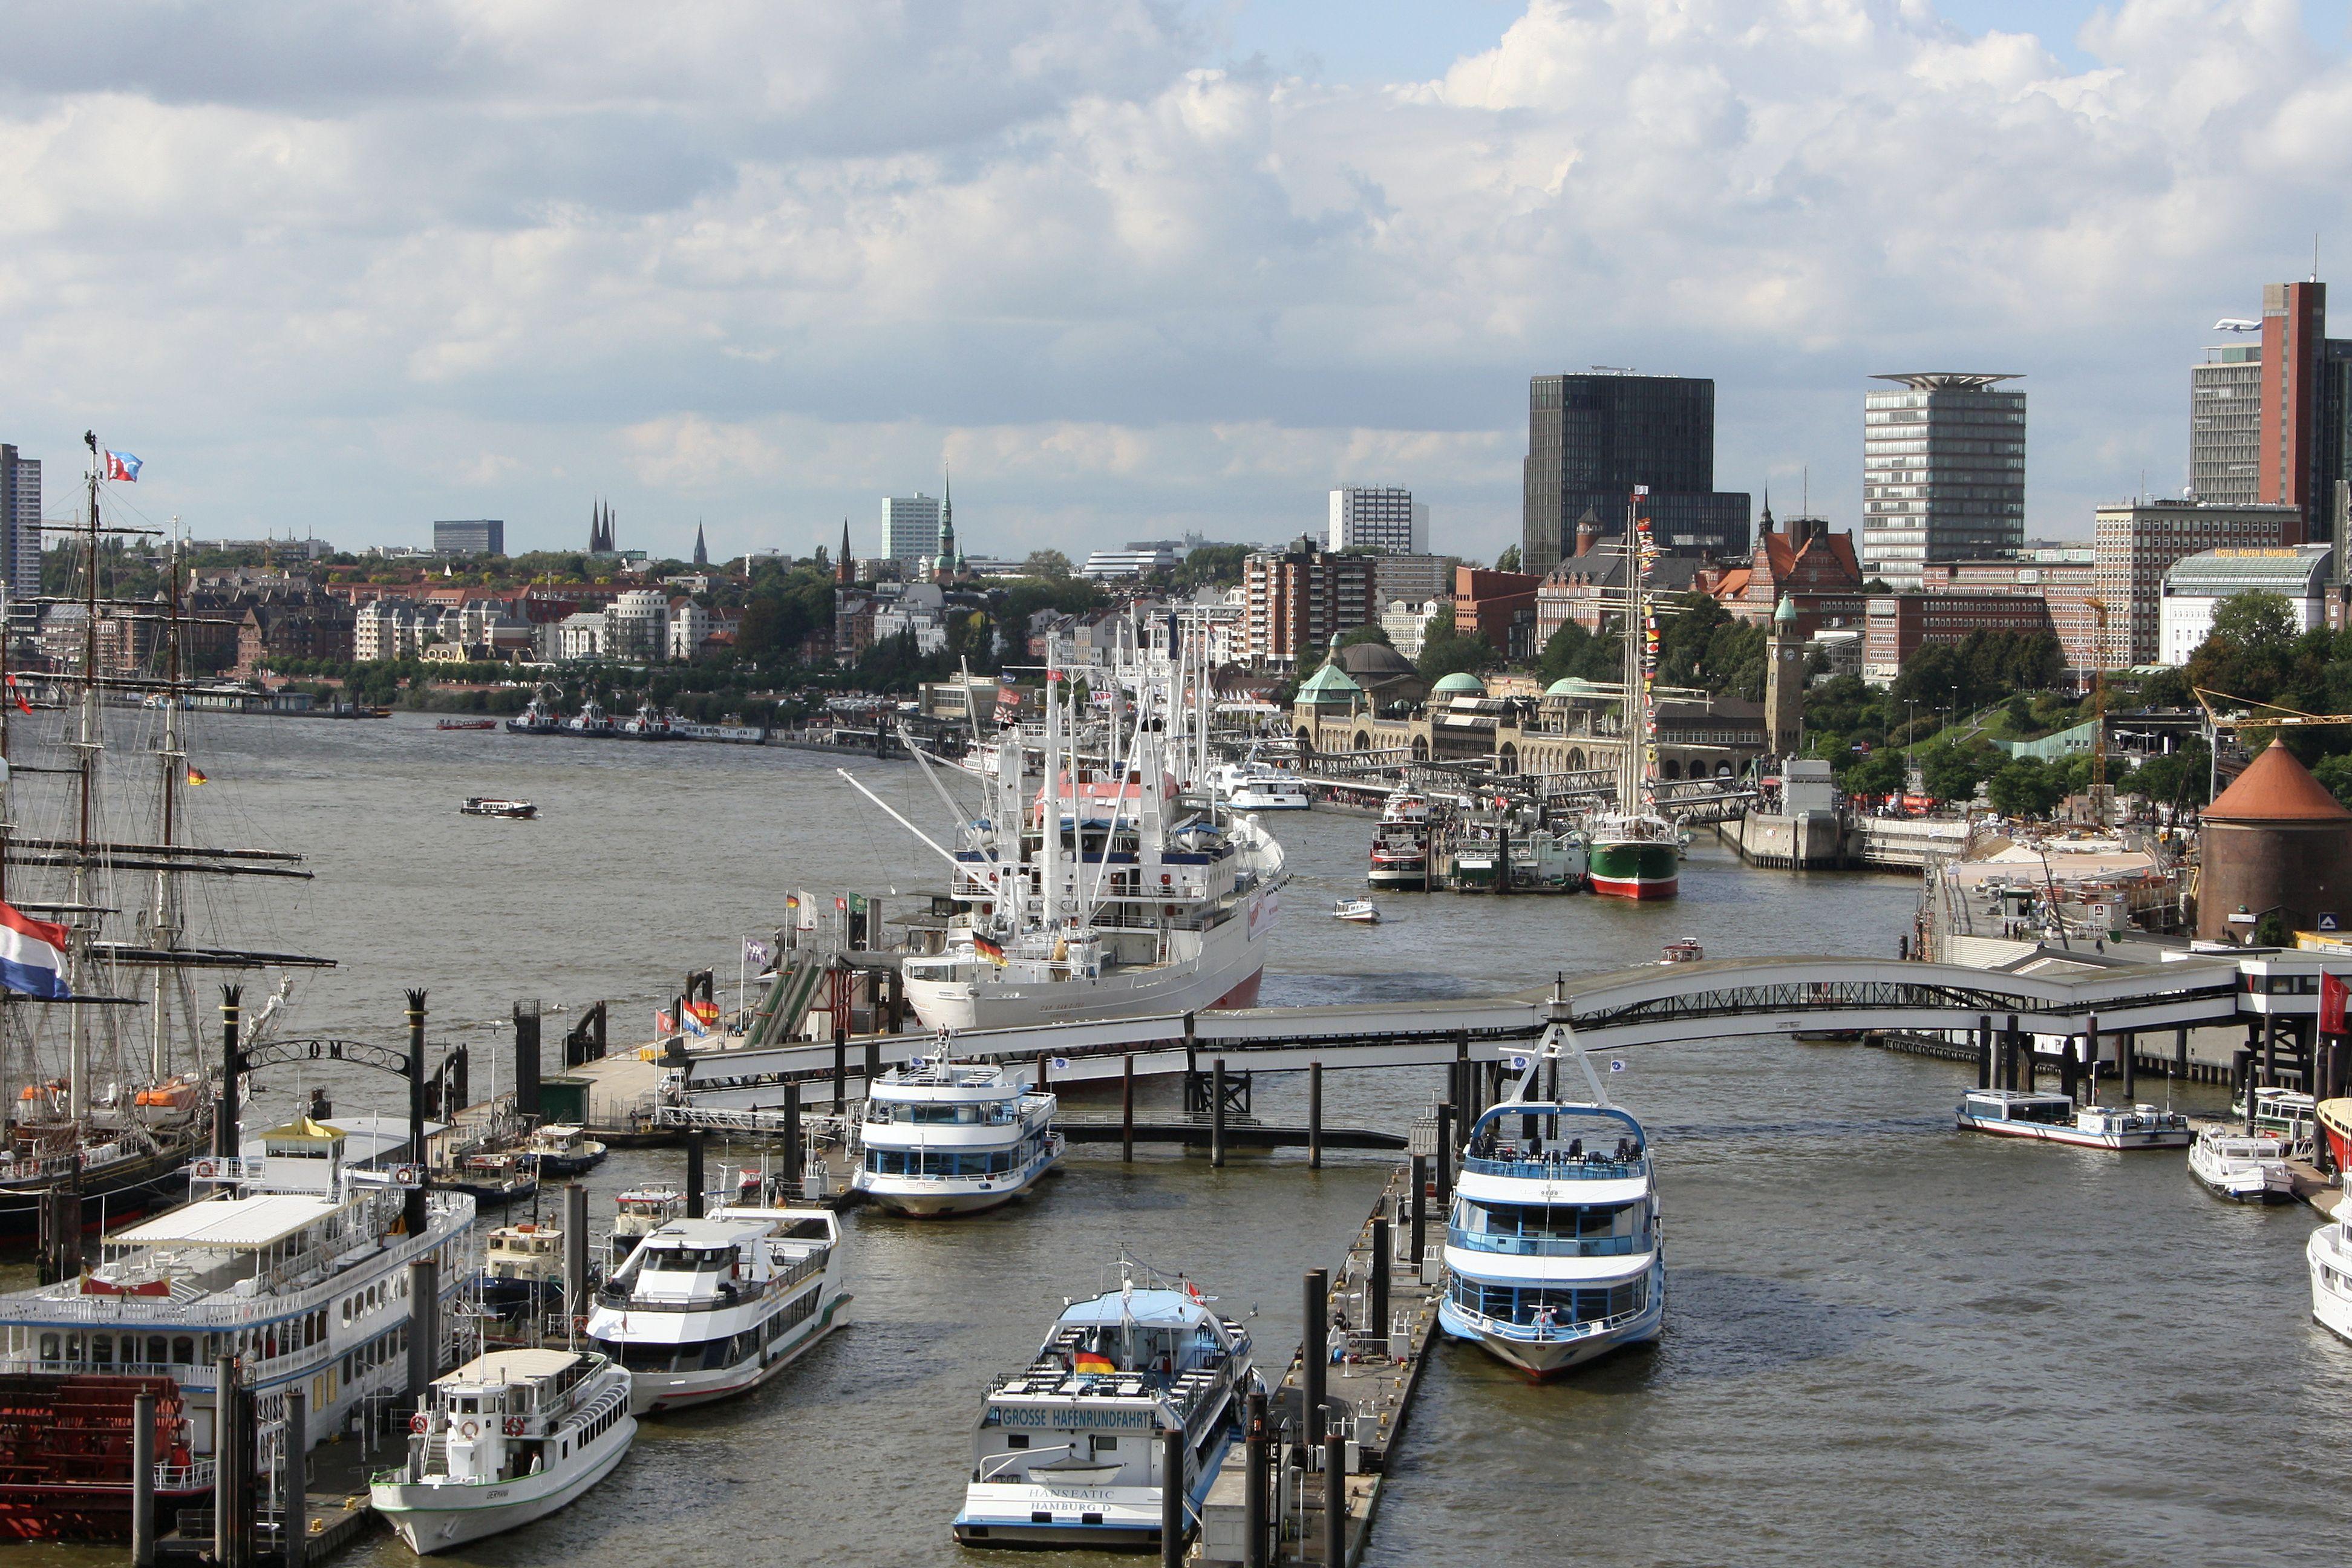 Hamburger Hafen aus der Vogelperspektive, Blick Richtung